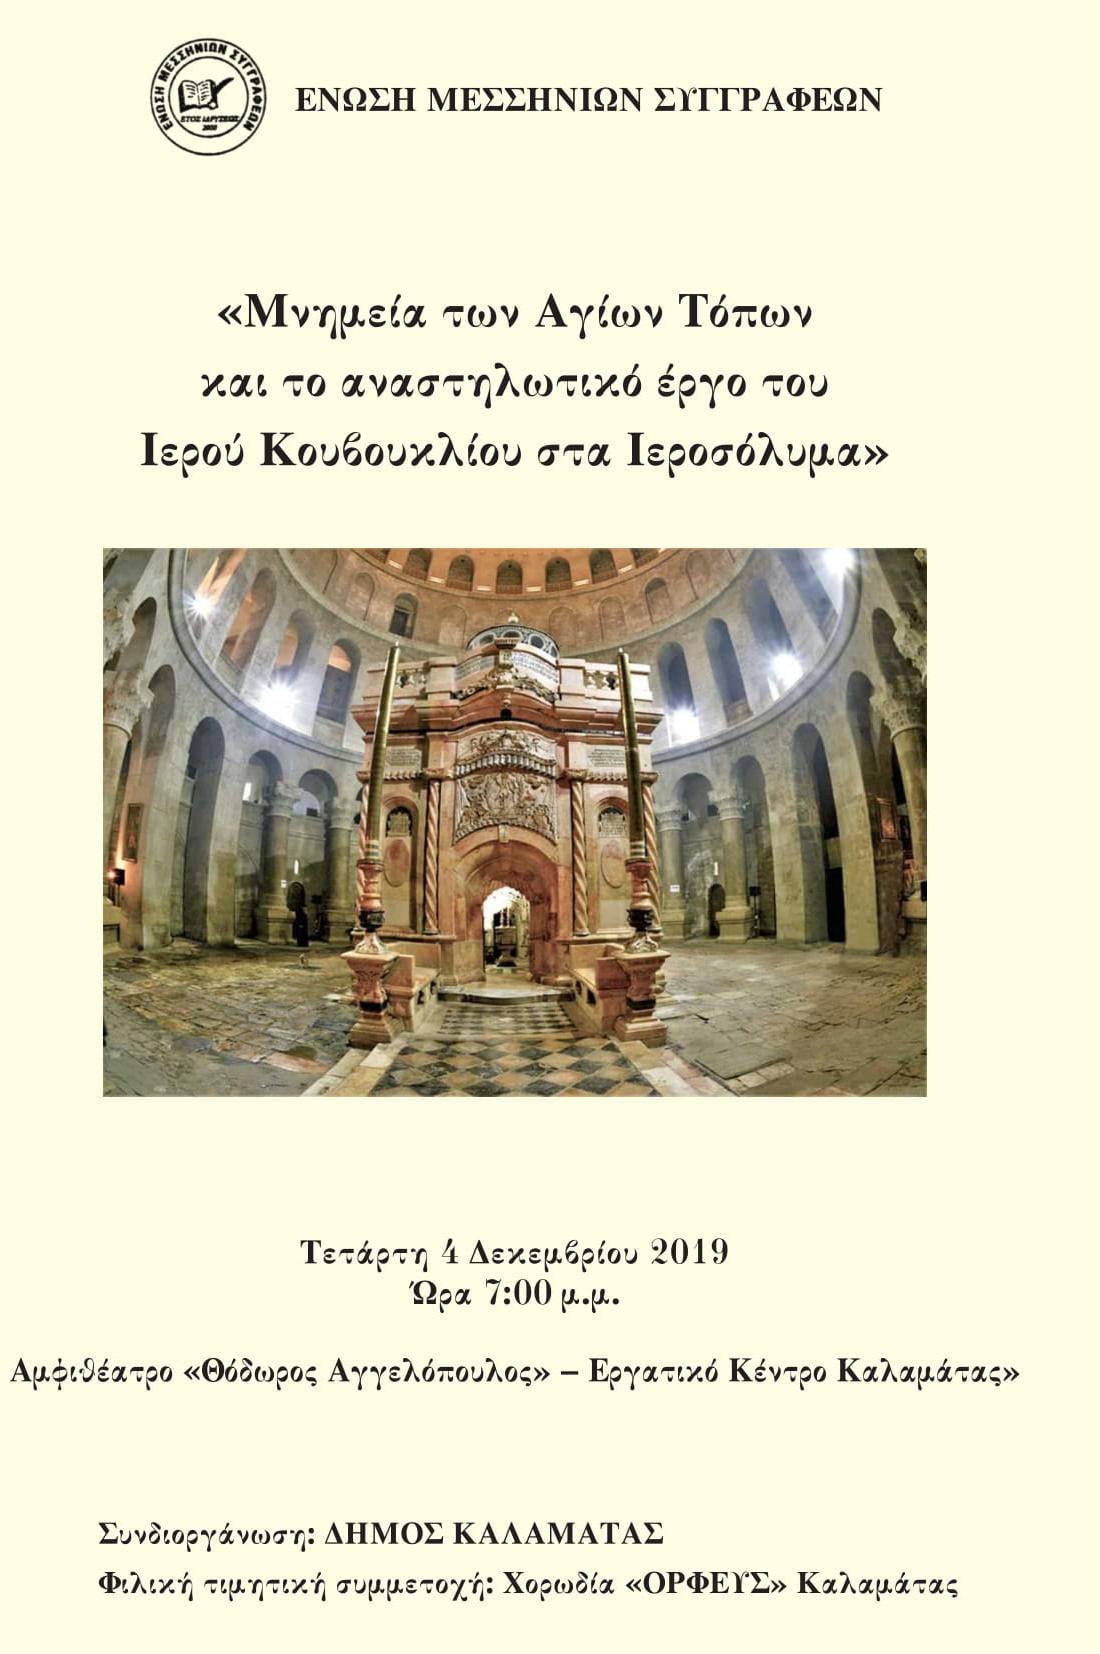 Εκδήλωση: «Μνημεία των Αγίων Τόπων και το αναστηλωτικό έργο του Ιερού Κουβουκλίου στα Ιεροσόλυμα» 2